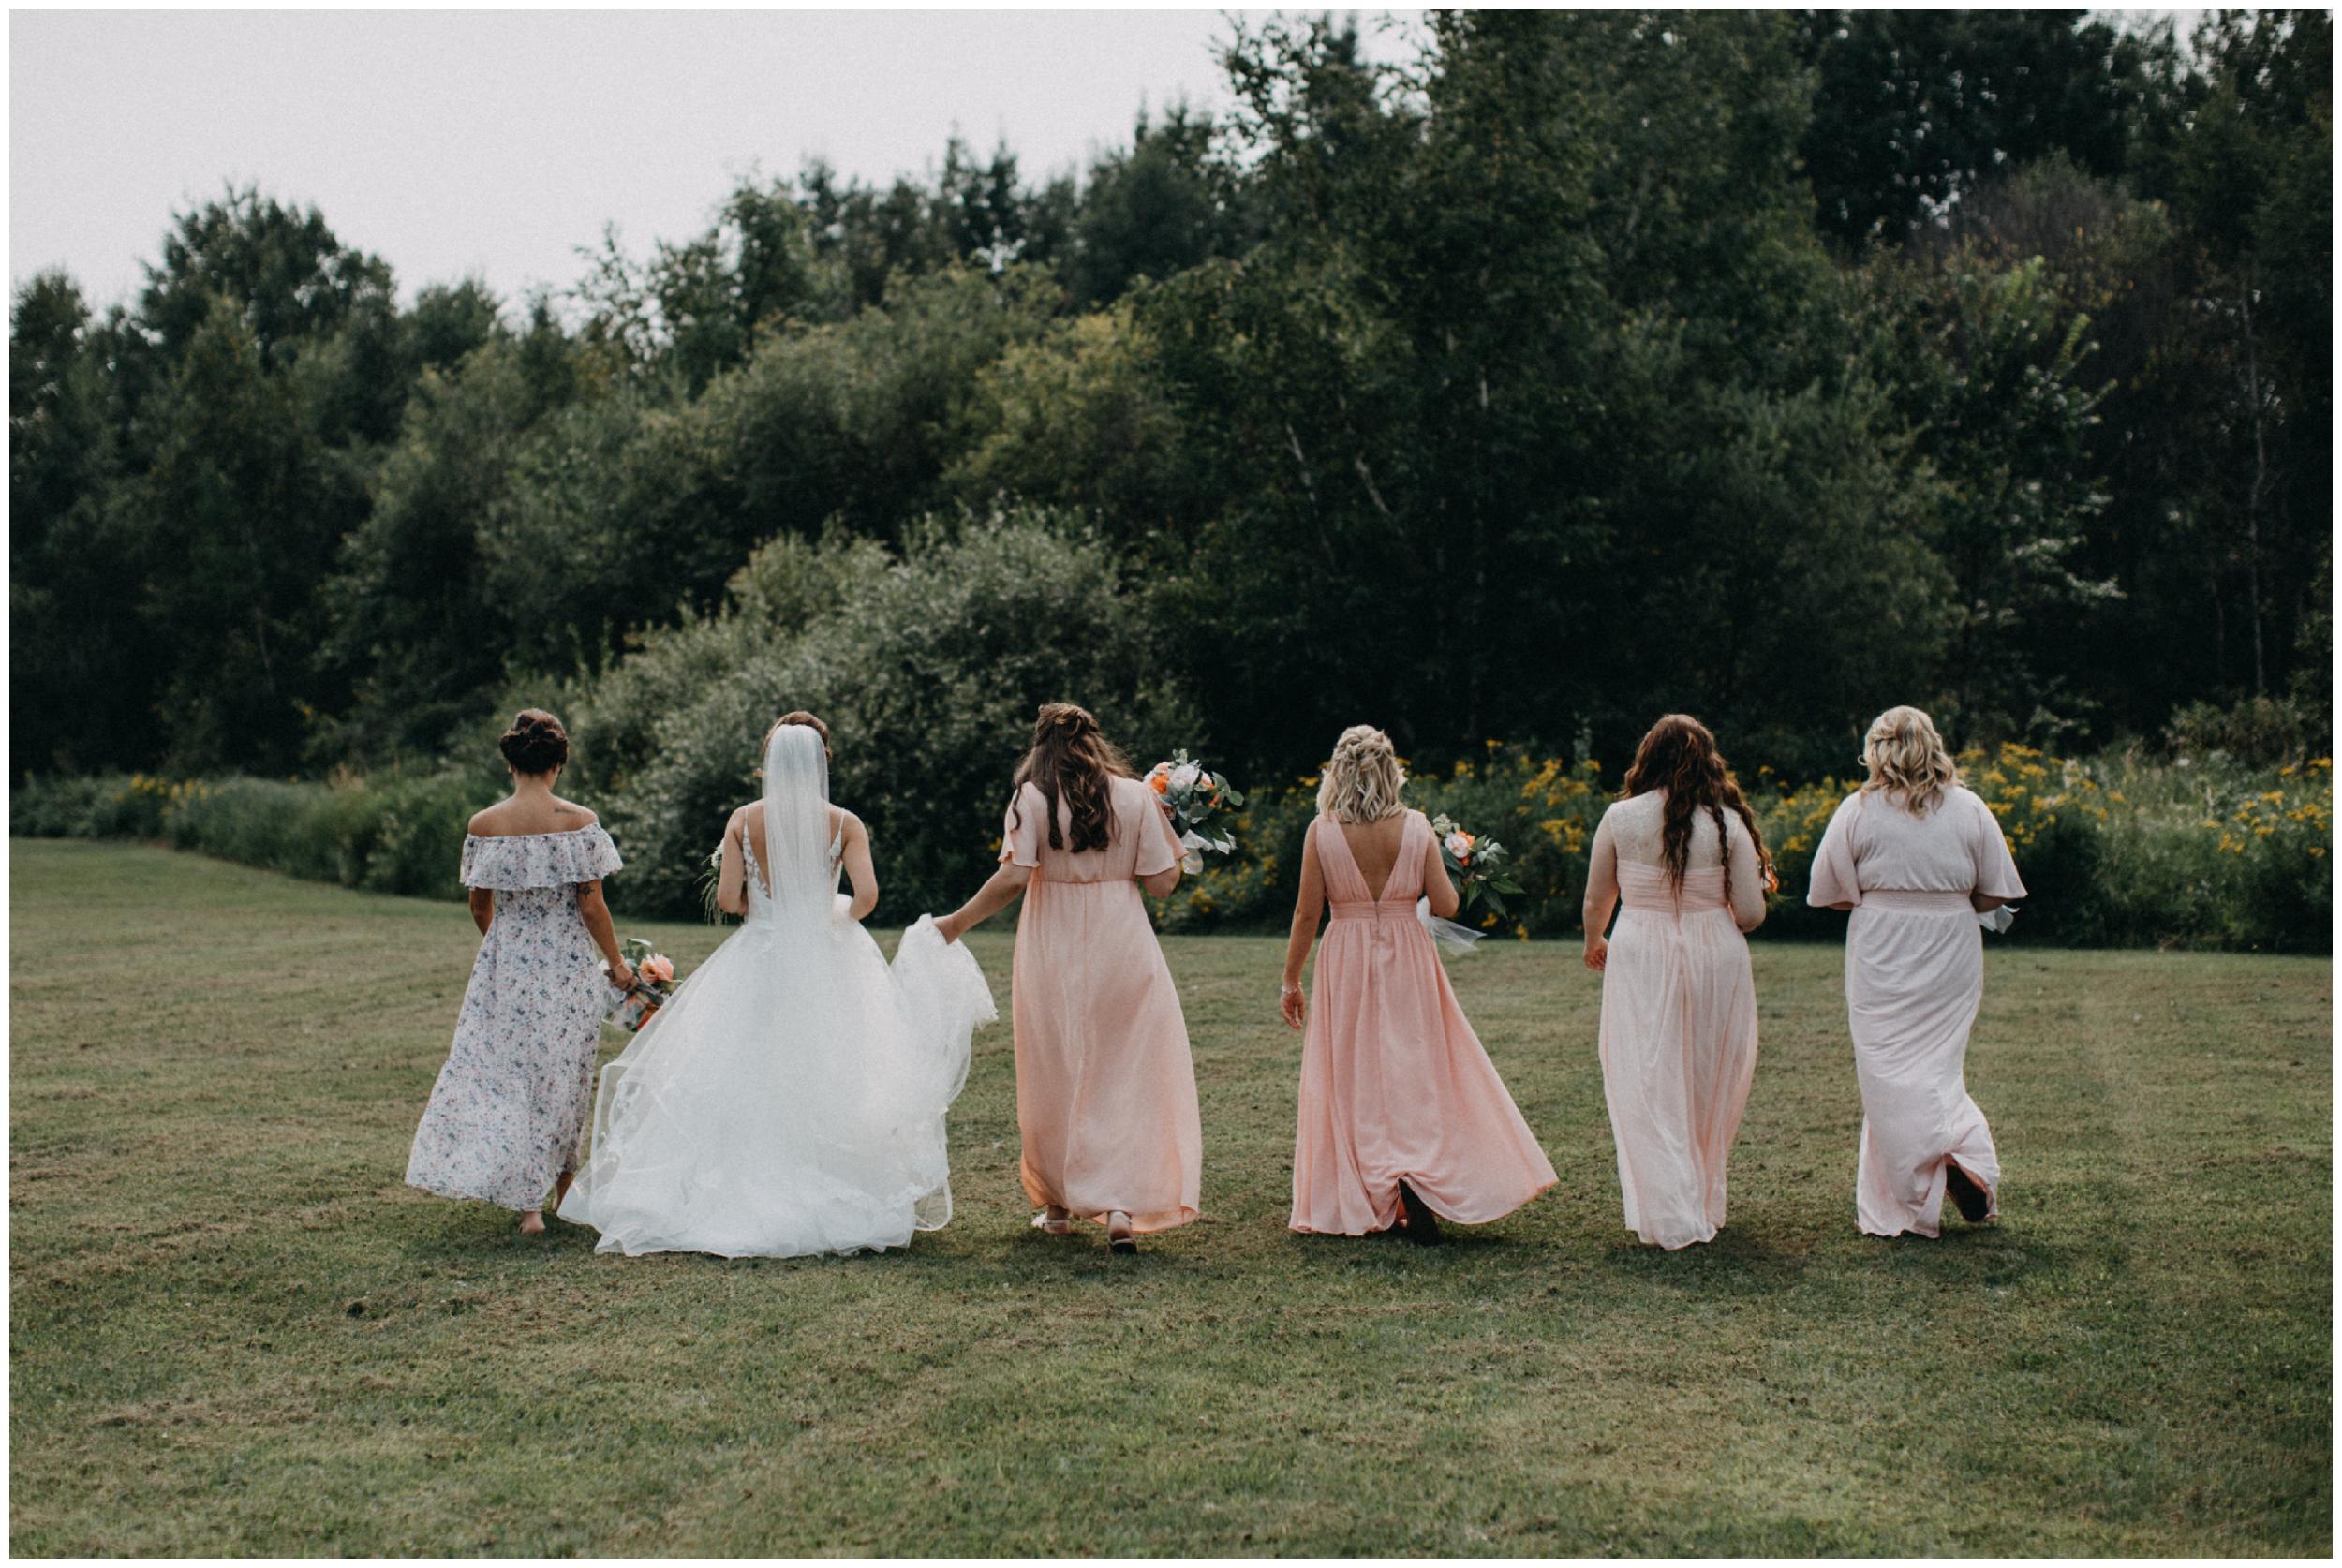 Outdoor summer wedding in Brainerd Minnesota